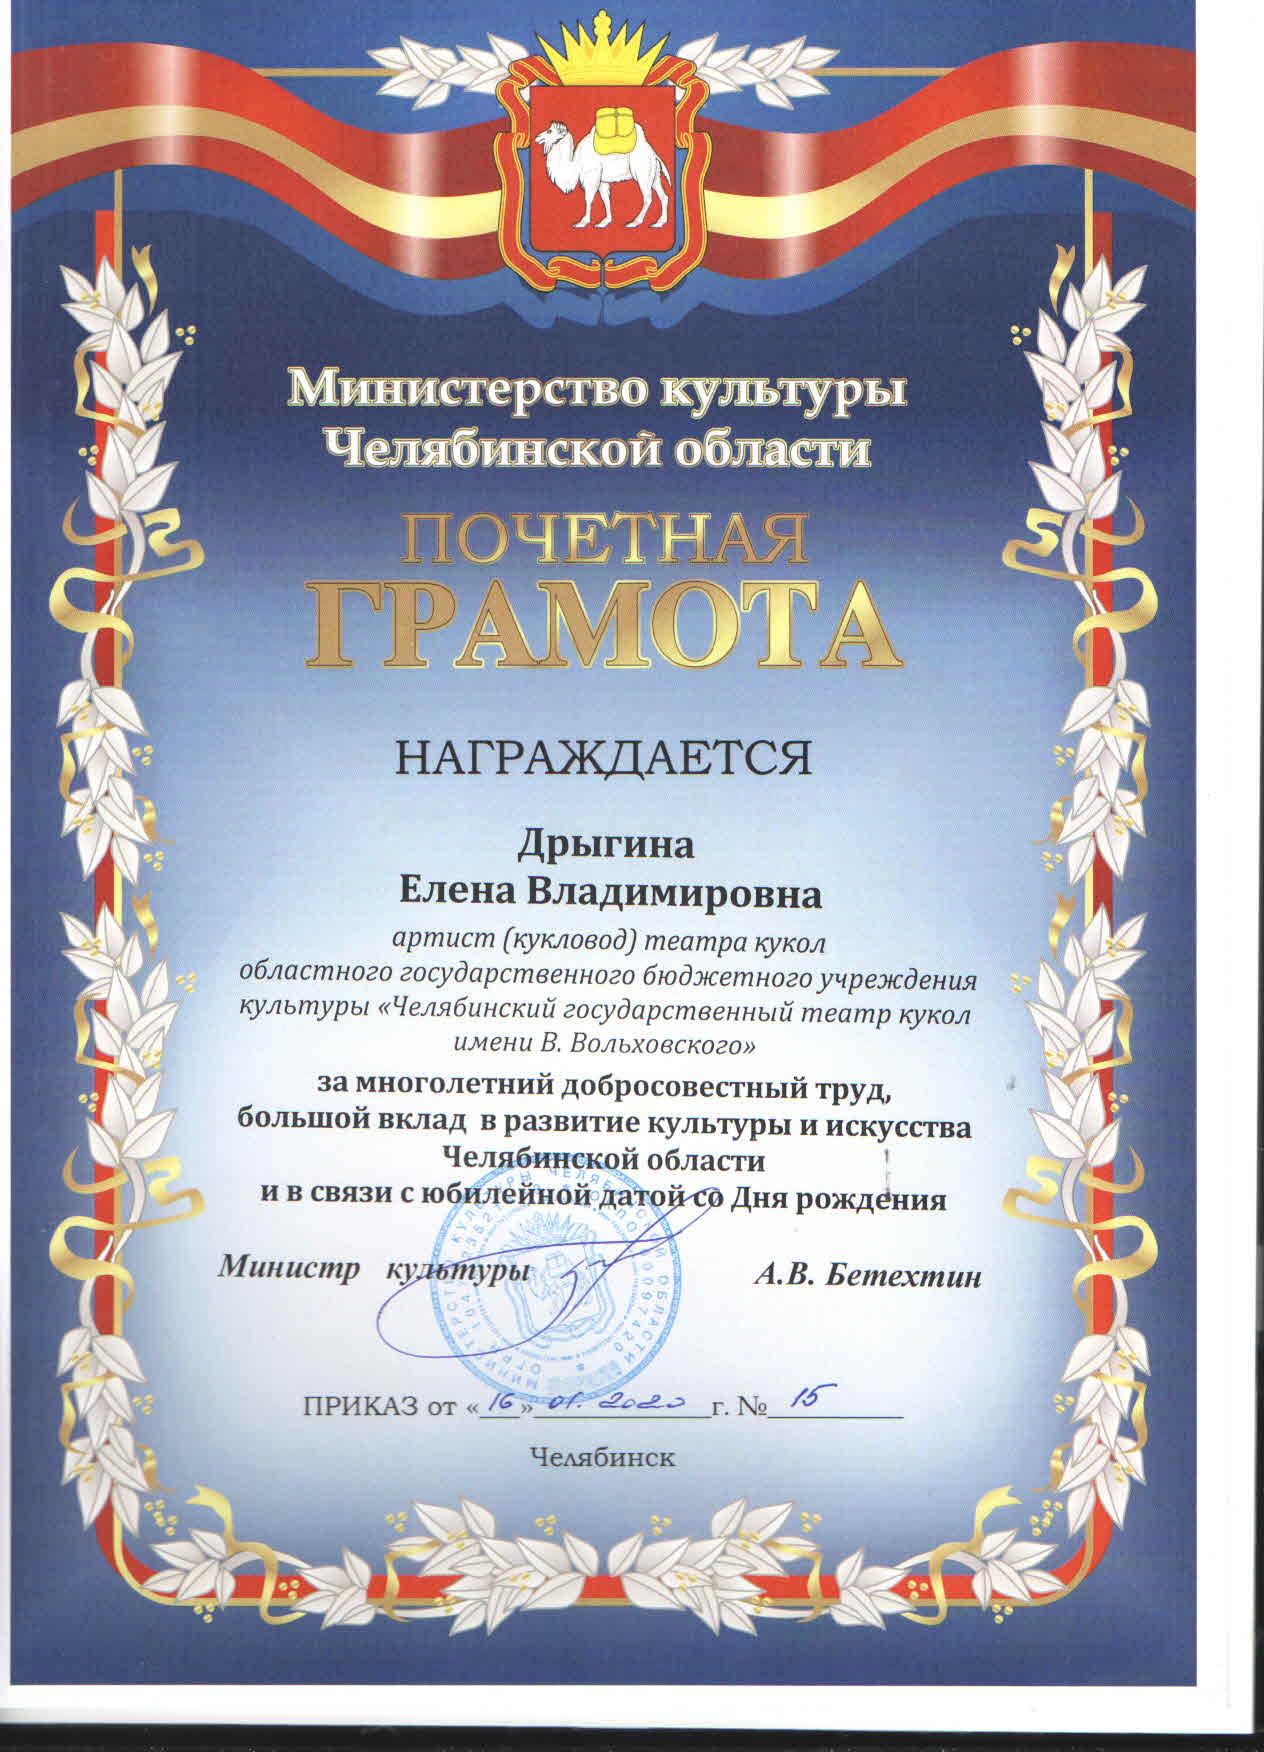 Почетное признание Елены Дрыгиной